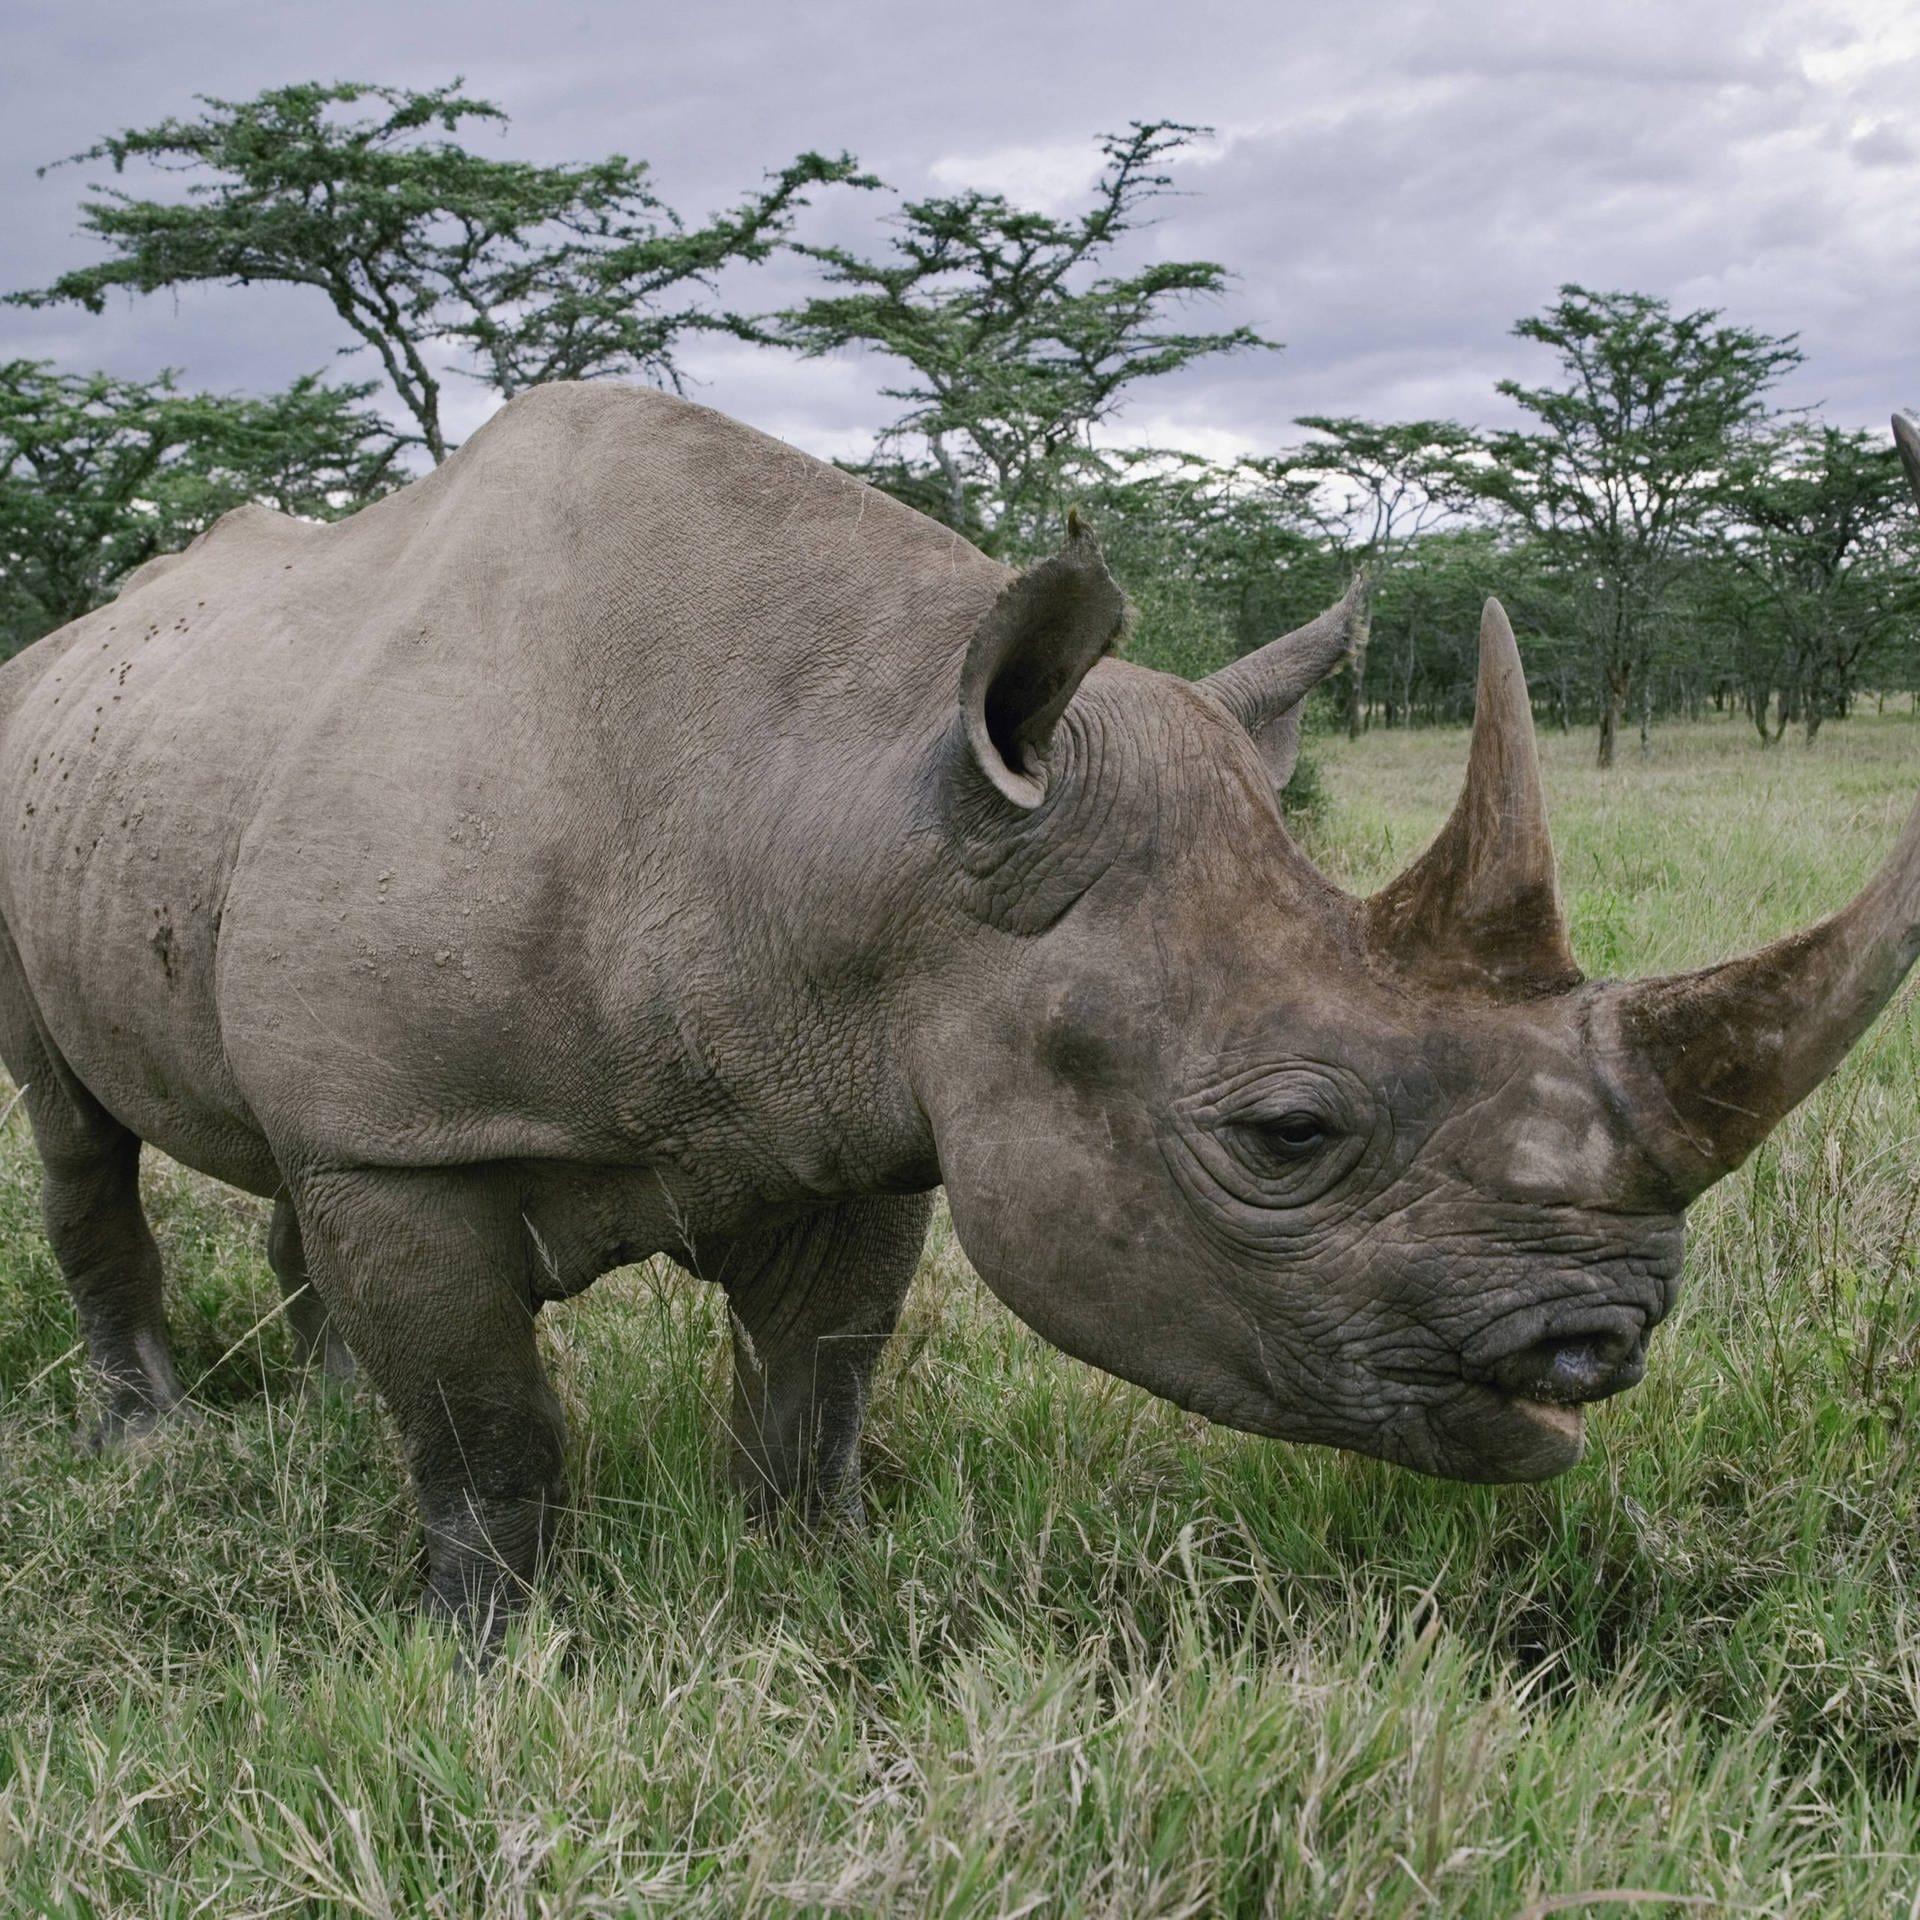 Artenschutz durch Gentechnik? Wissenschaftler manipulieren die Natur